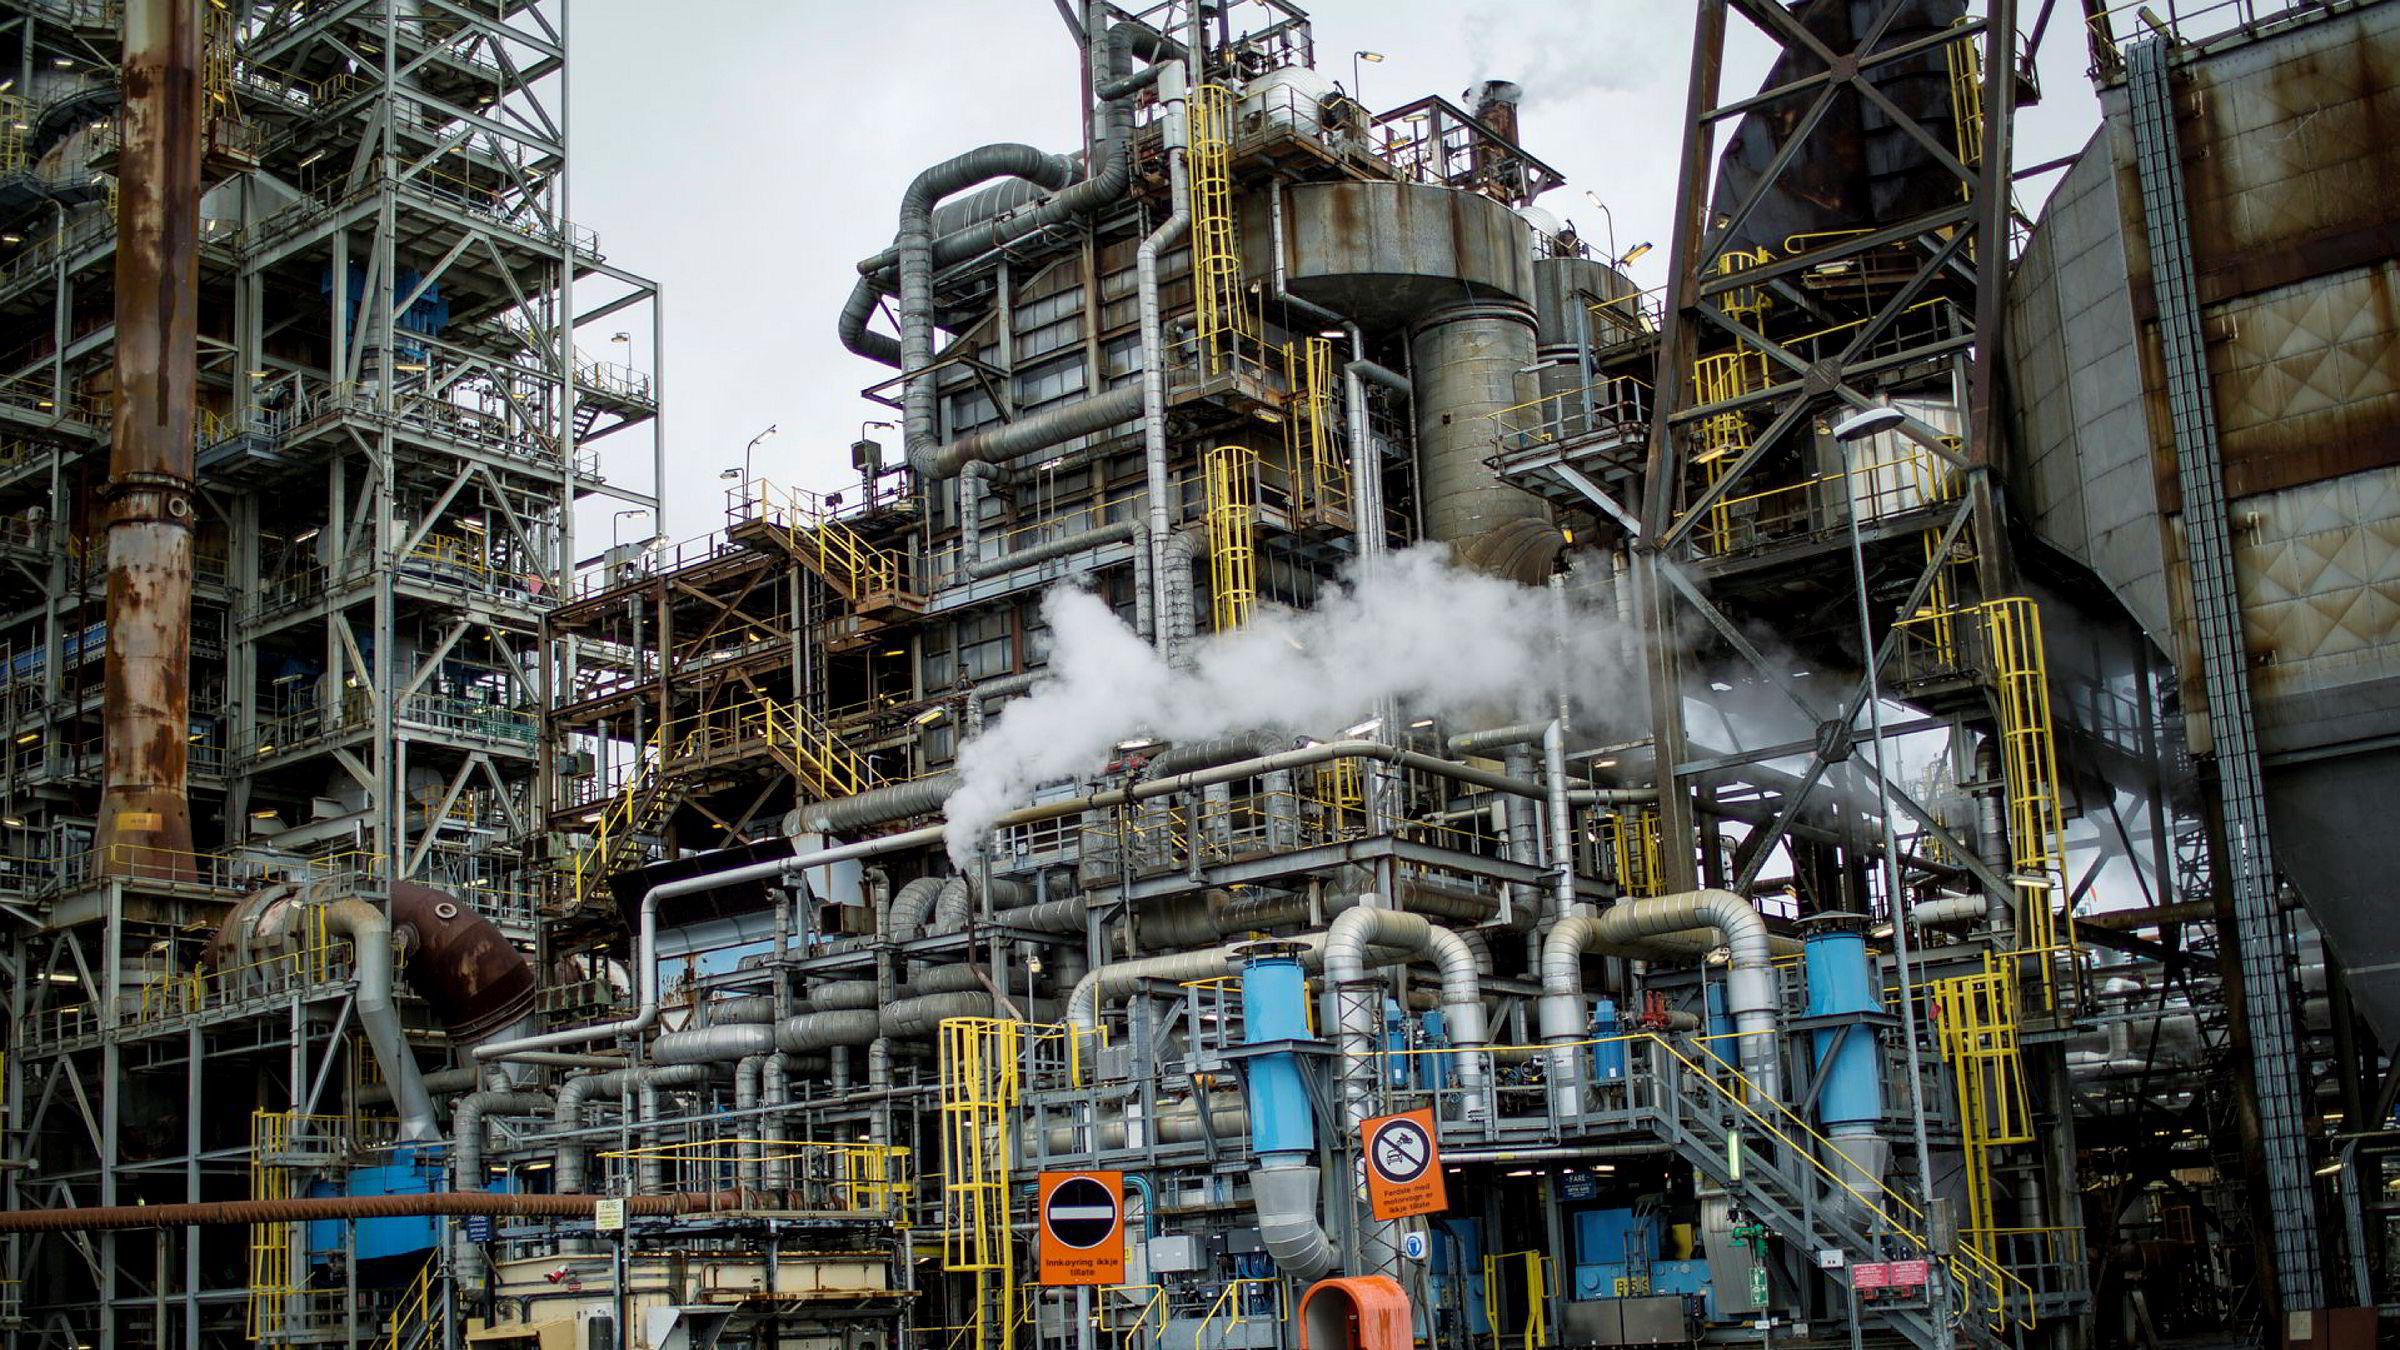 Tradisjonell, konkurranseutsatt industri i Norge er blitt knyttet opp mot den svært lønnsomme og teknologisk avanserte petroleumsnæringen og har opplevd styrket vekst og produktivitet.